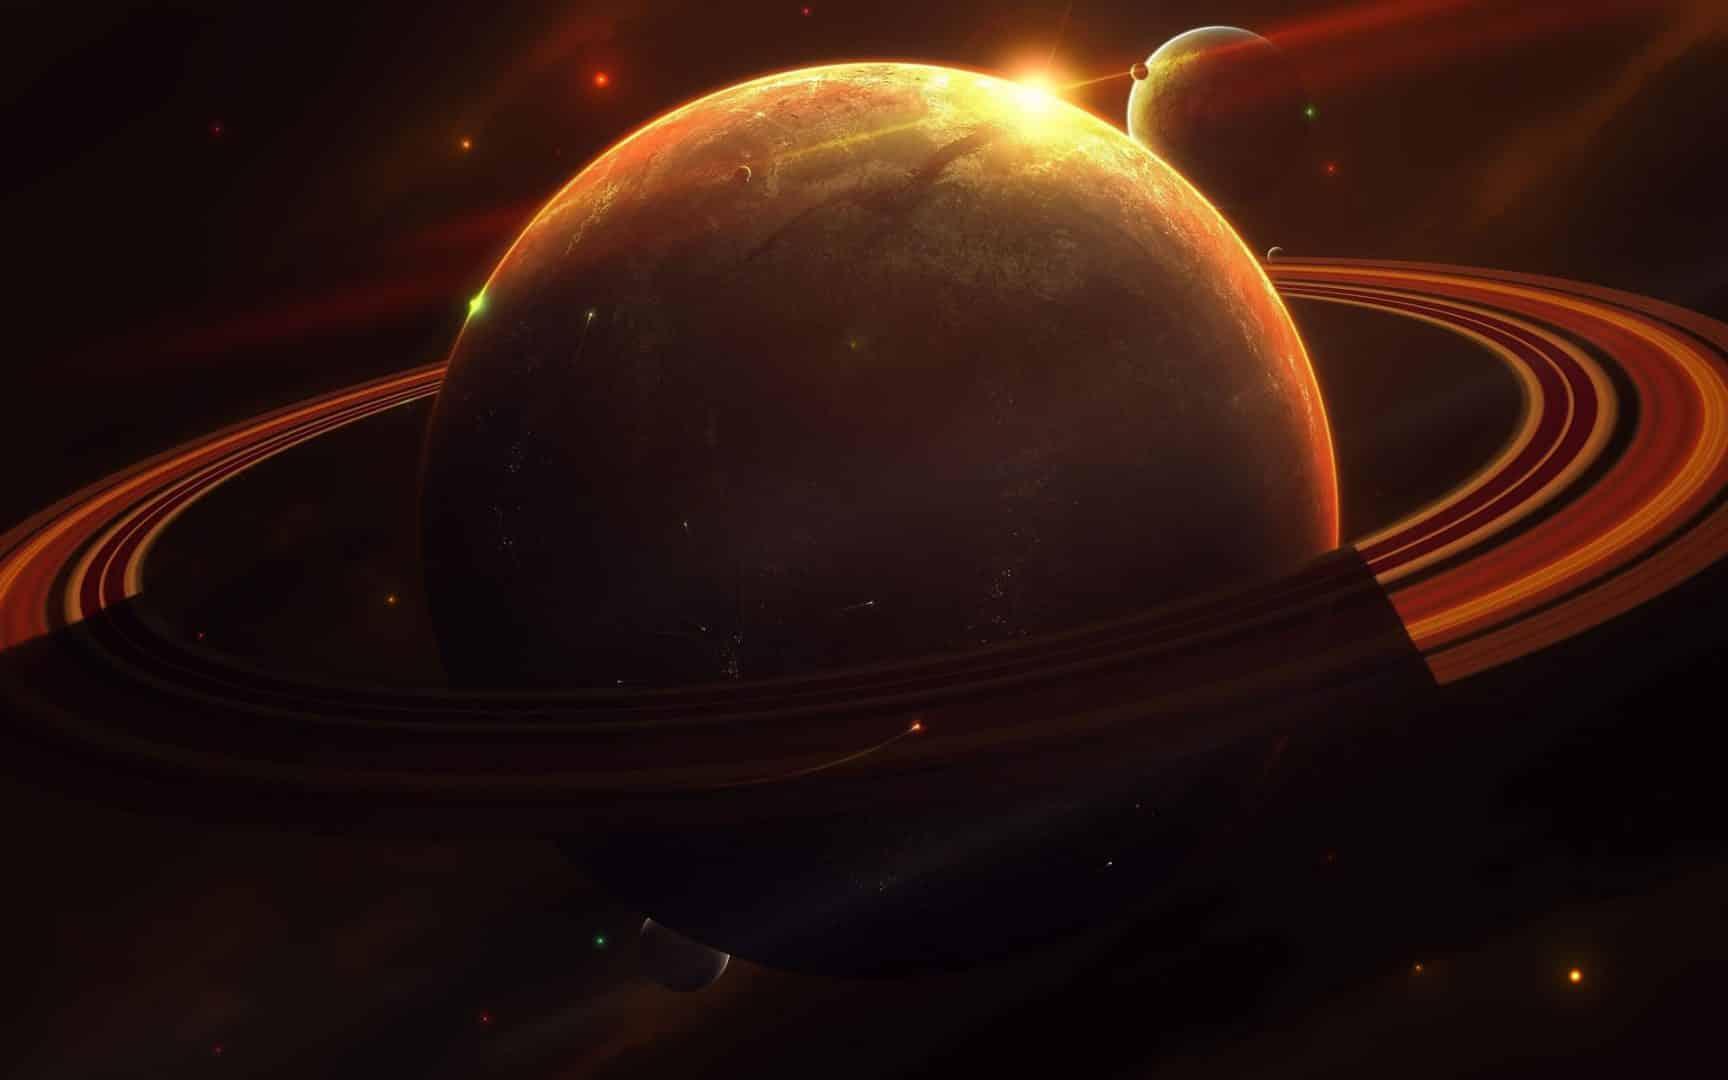 Saturno - 8 fatos curiosos sobre o planeta dos anéis